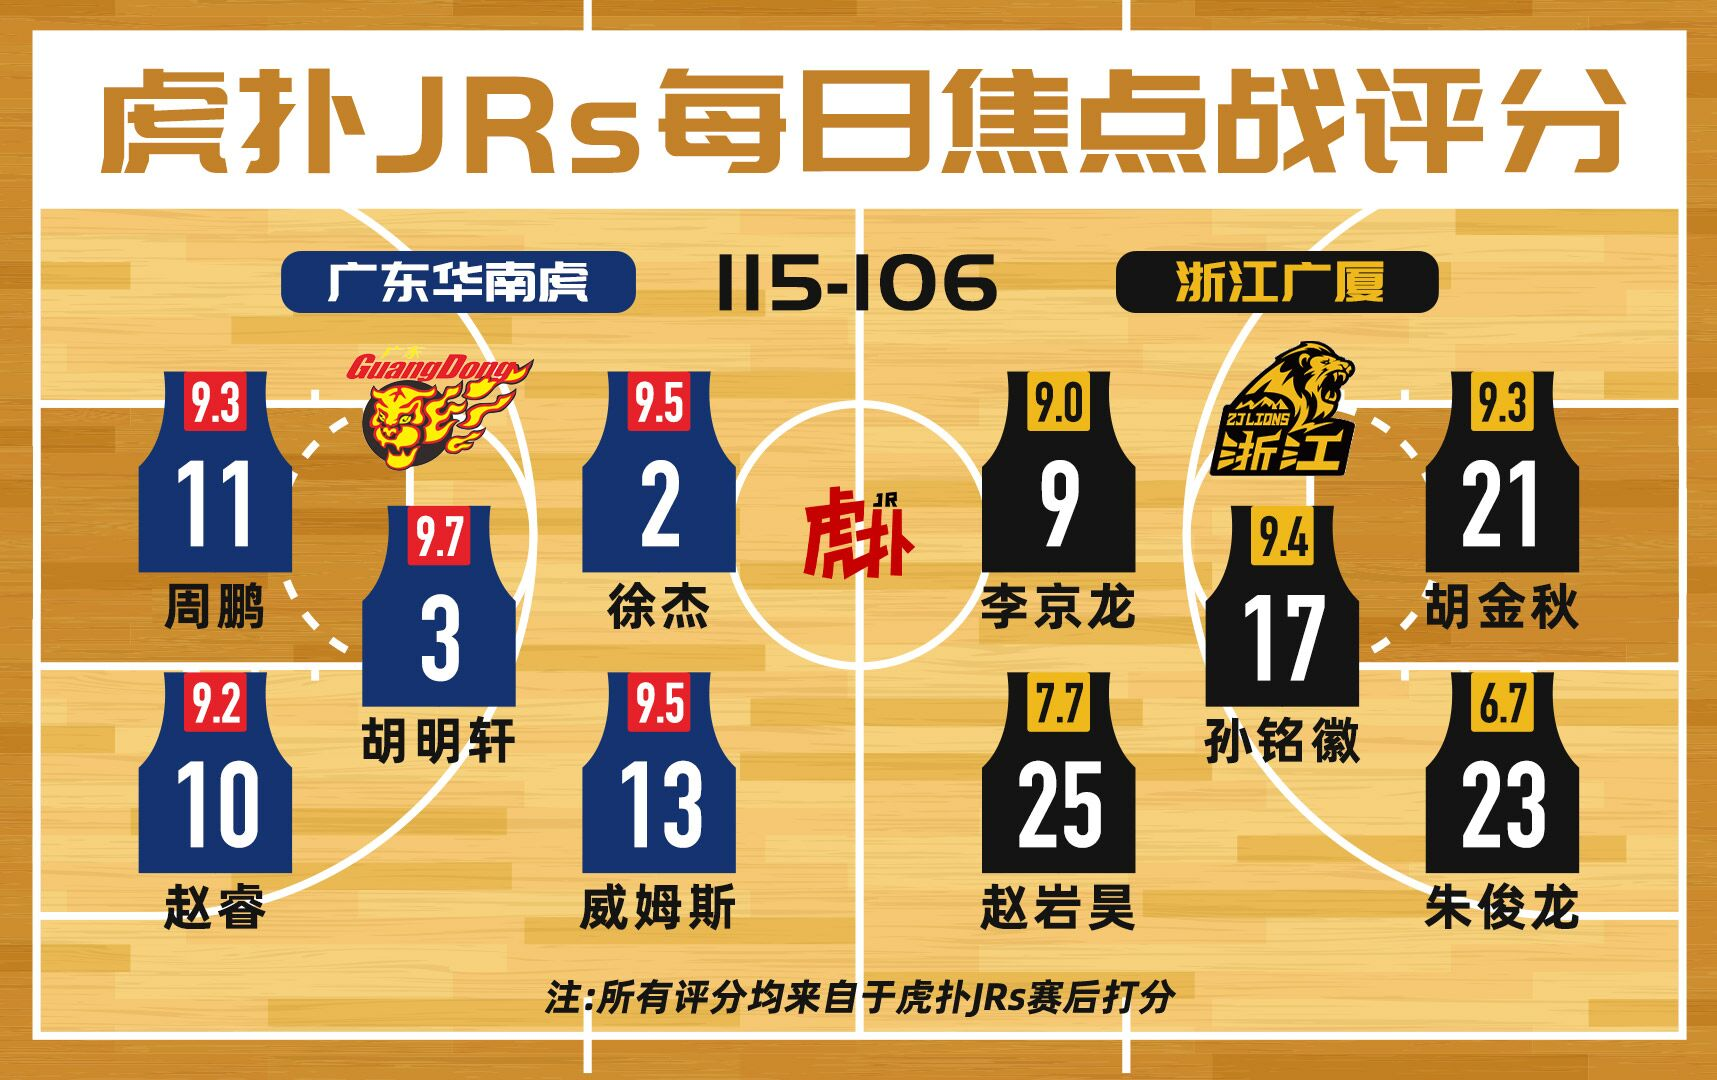 虎扑JRs焦点战评分:广东胡明轩9.7分,广厦朱俊龙6.7分